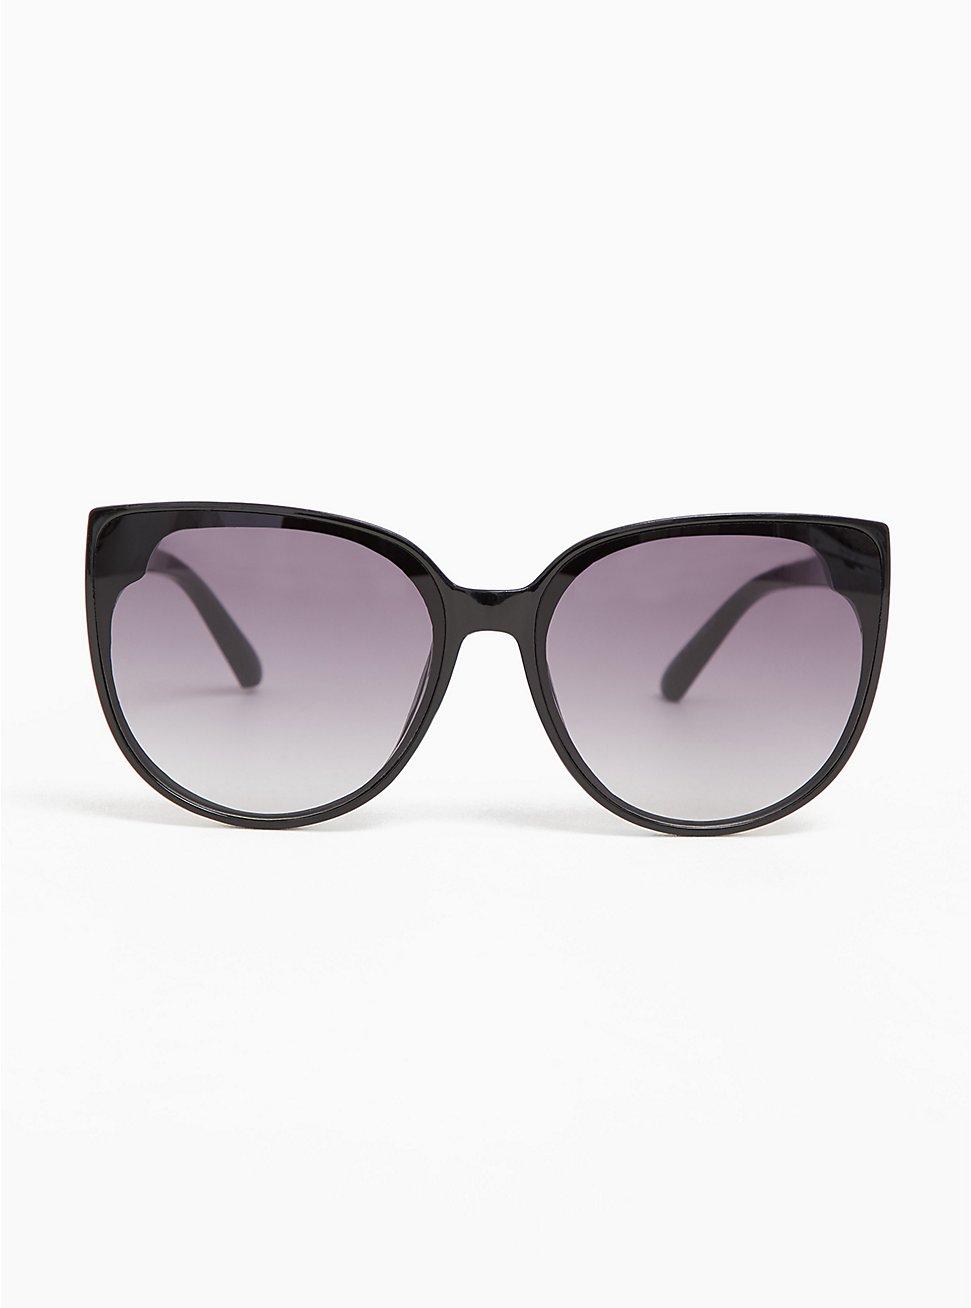 Black & Ombre Cat Eye Sunglasses, , hi-res